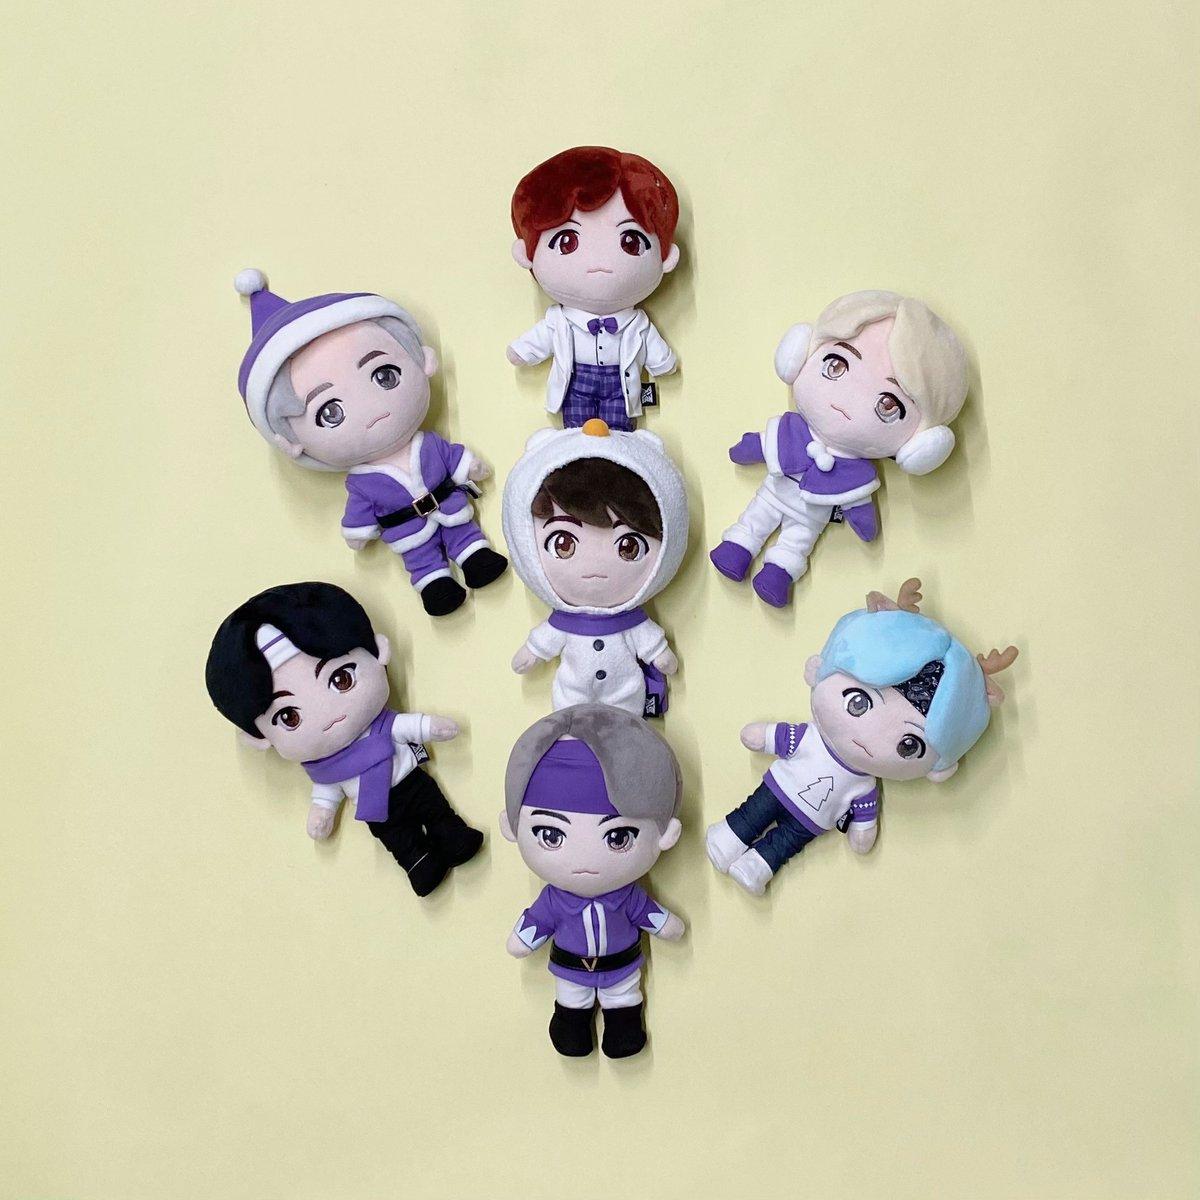 1/16(土)から、TinyTANのWinterシーズン仕様のPlush Toyが、全店舗で発売となります!お楽しみにお待ちください!#BTS_POPUP #SPACE_OF_BTS_JP